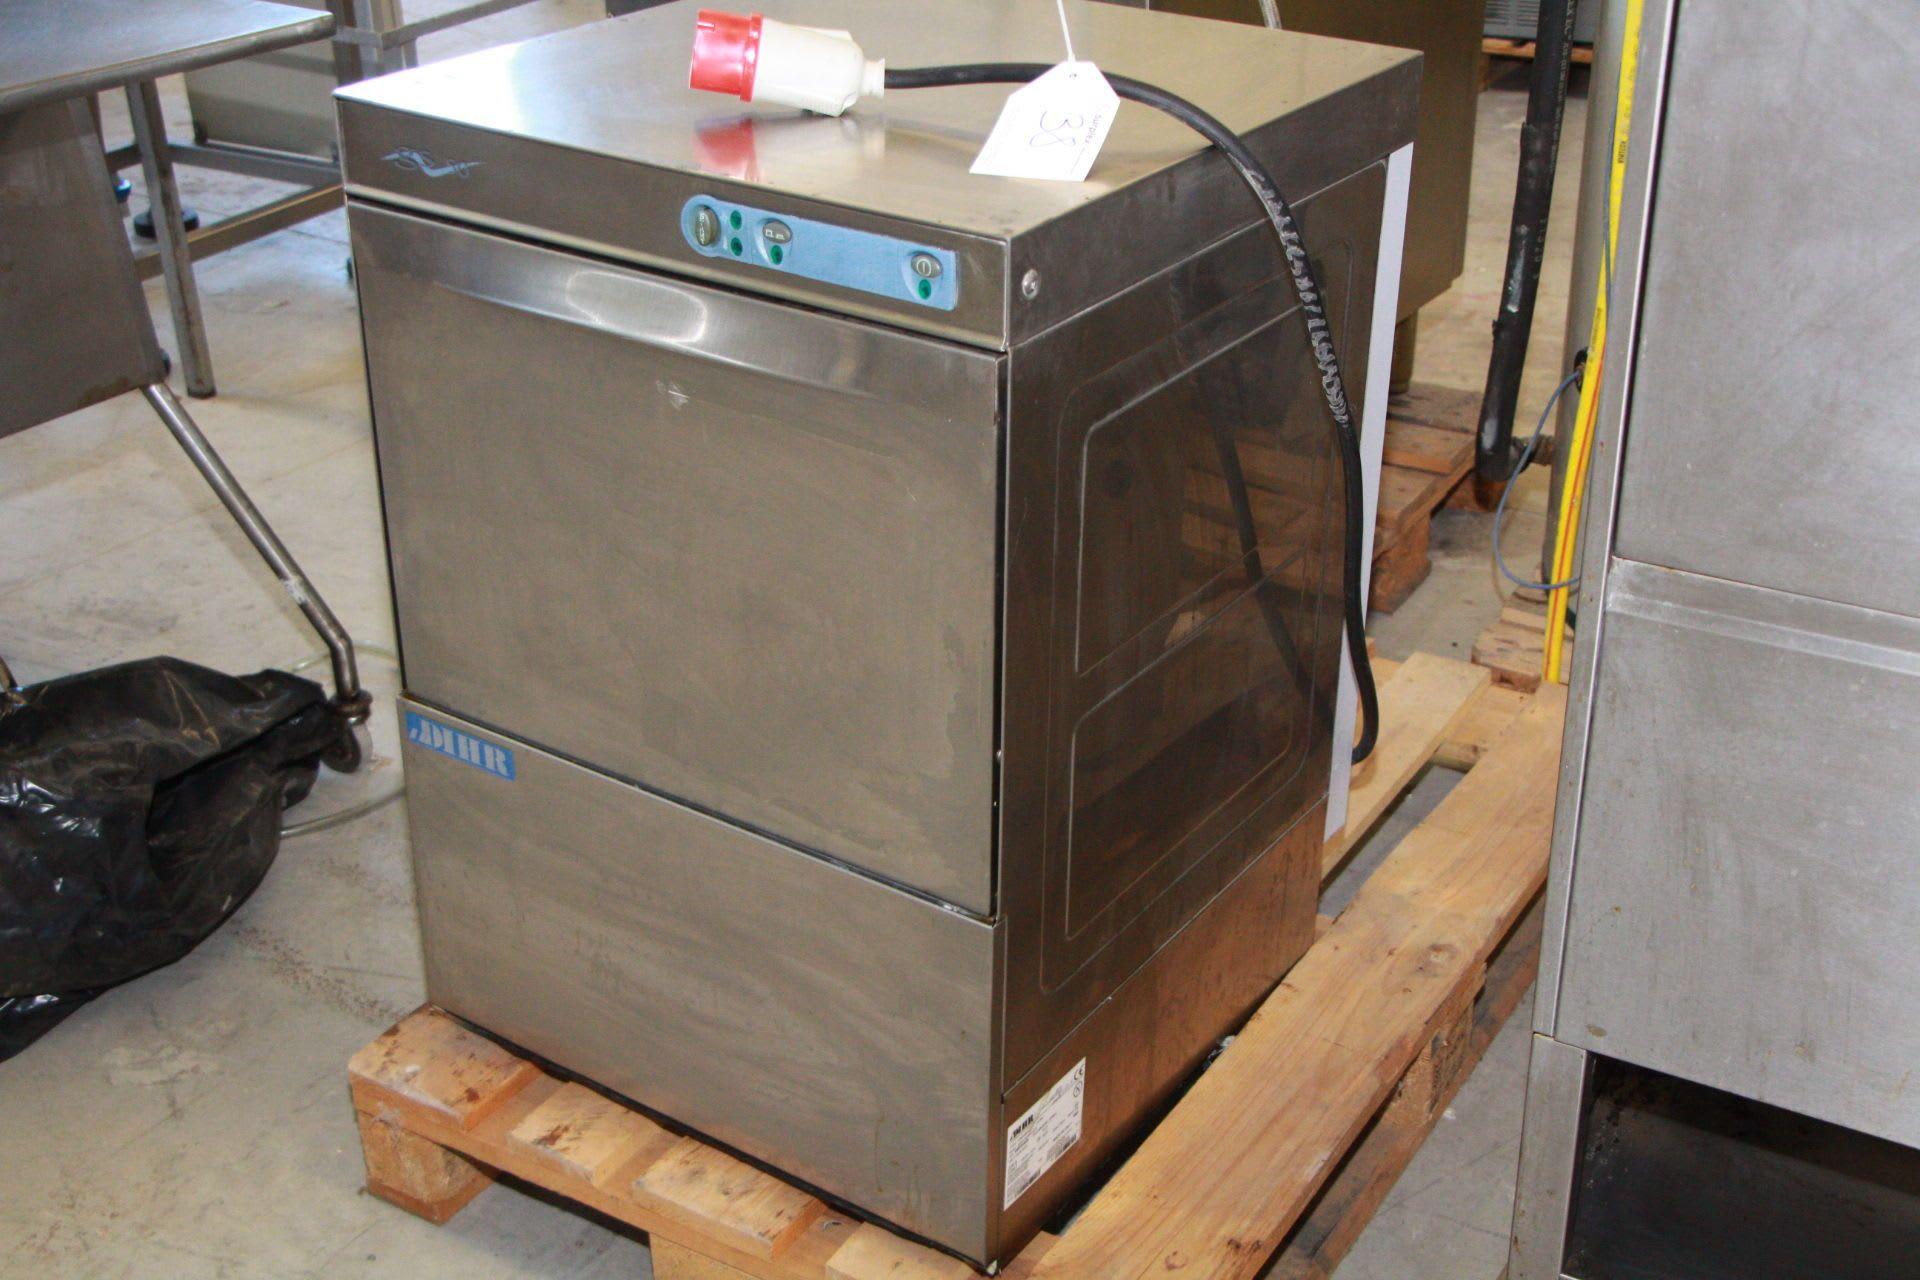 DIHR GS 50 Professionelle Geschirrspülmaschine